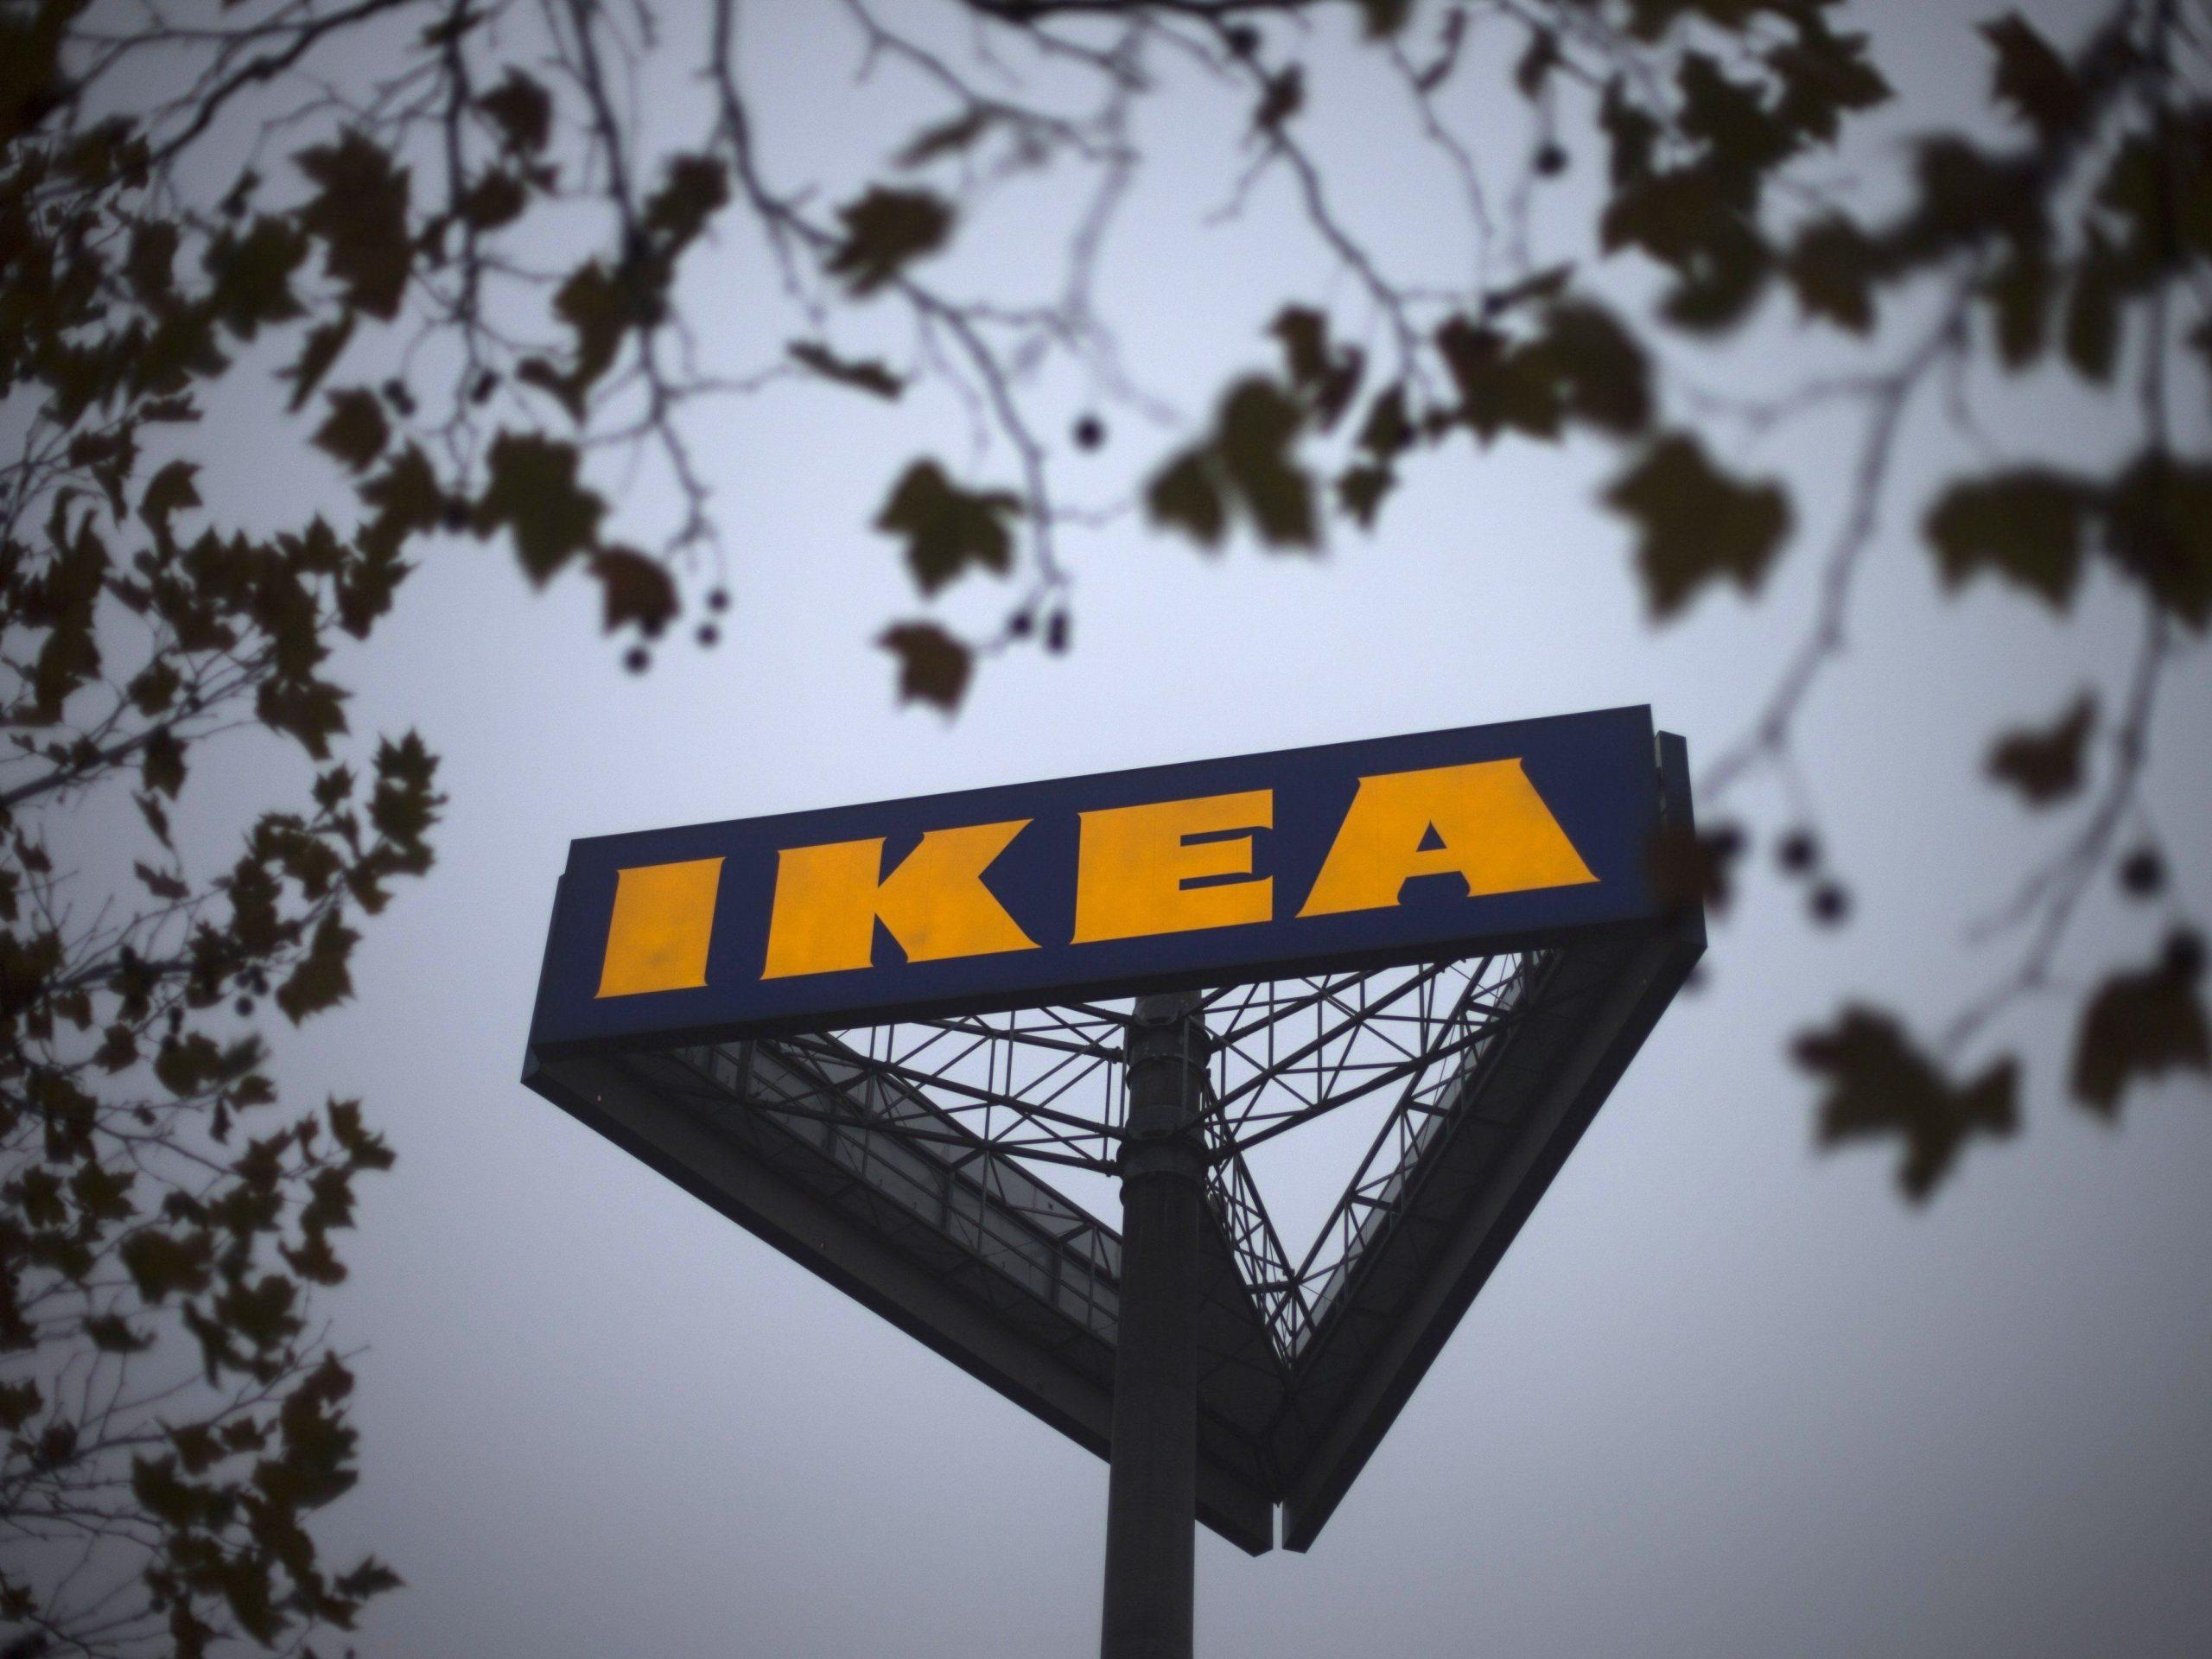 Full Size of Liegestuhl Ikea Ruft Zurck Sterreich Viennaat Küche Kaufen Kosten Betten 160x200 Garten Sofa Mit Schlaffunktion Bei Modulküche Miniküche Wohnzimmer Liegestuhl Ikea